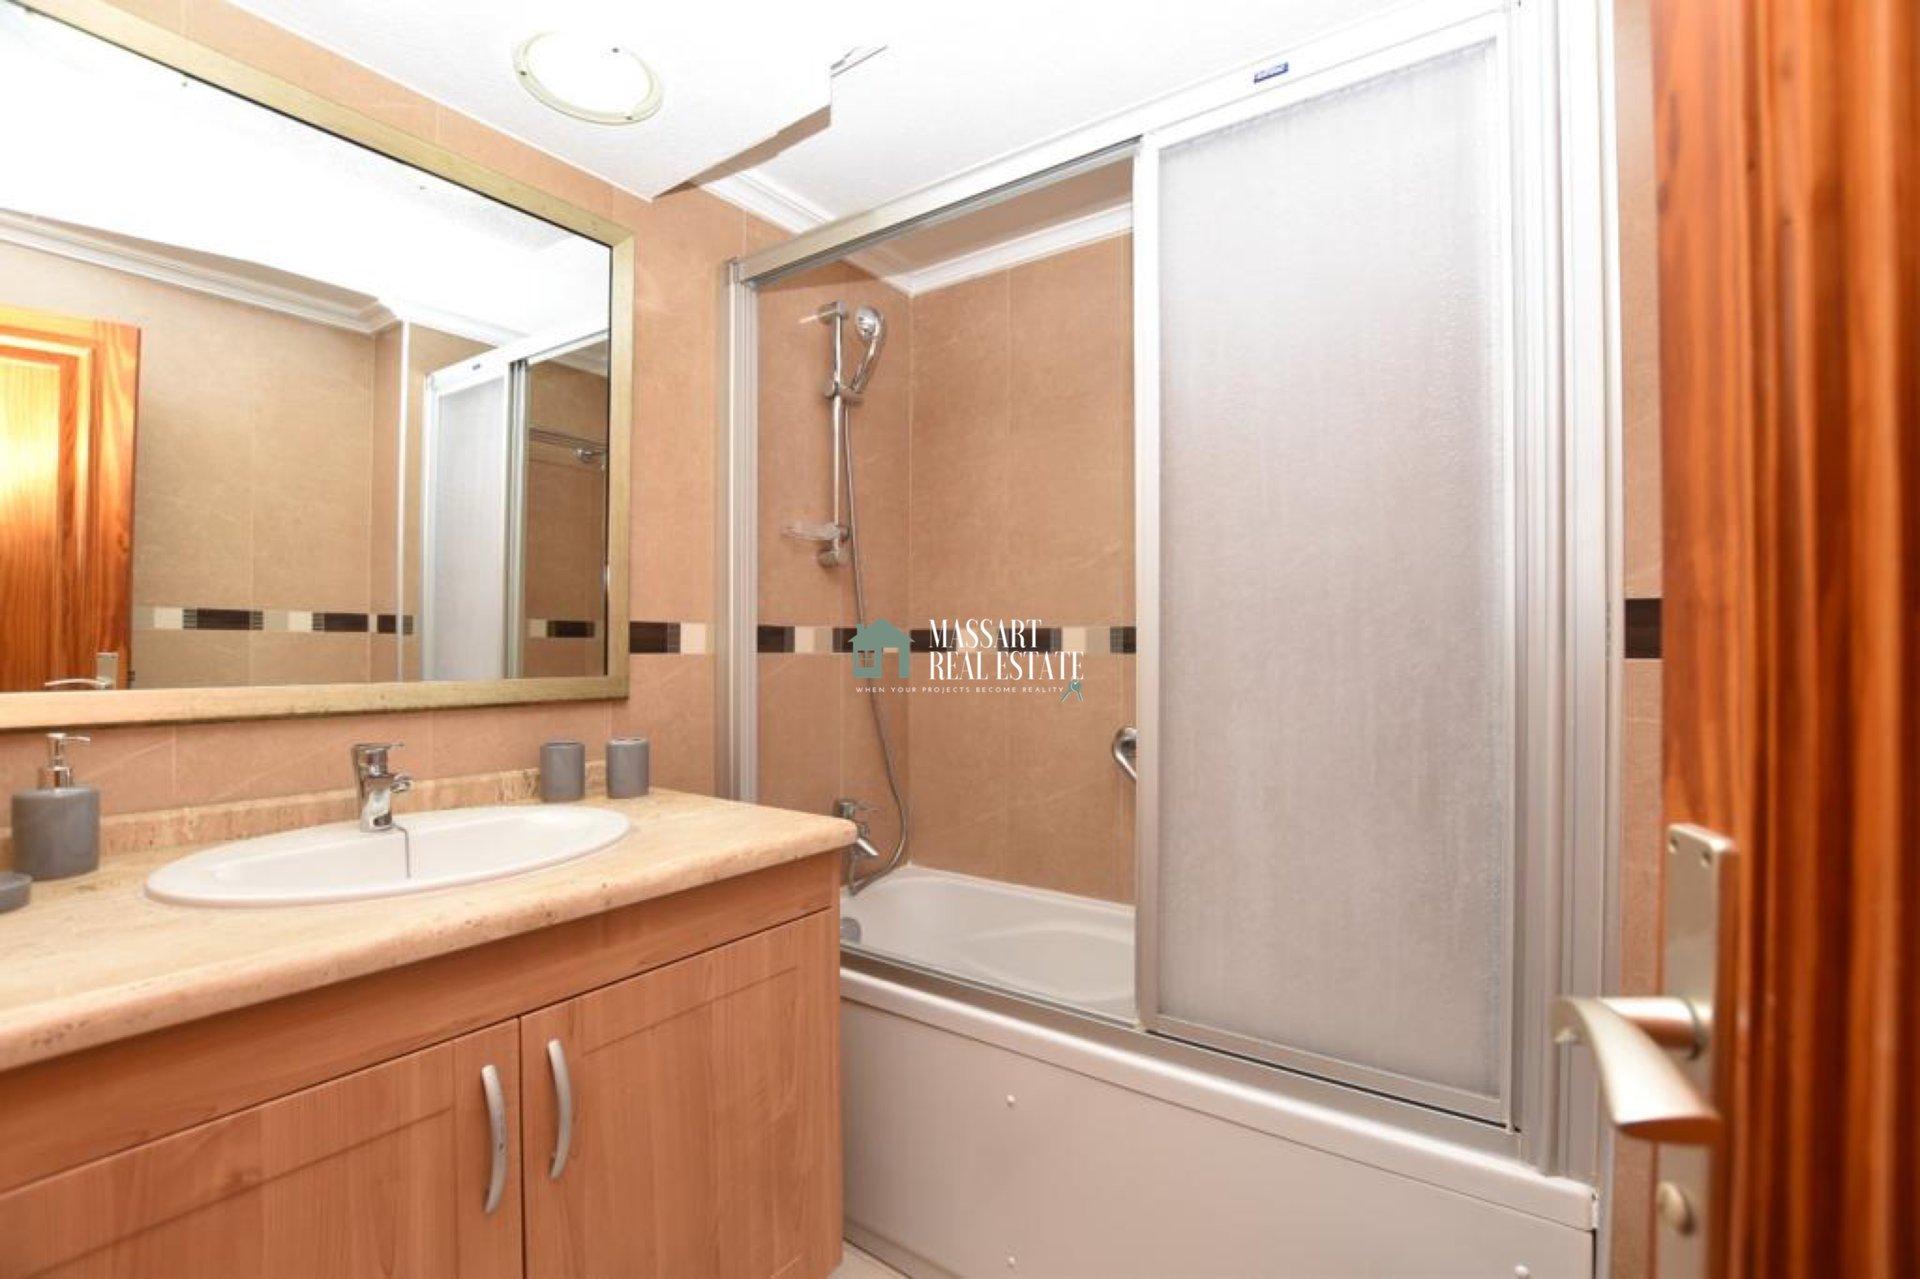 Appartement meublé de 75 m2 situé dans le centre de Los Cristianos, dans le complexe résidentiel populaire de Beverly Hills.